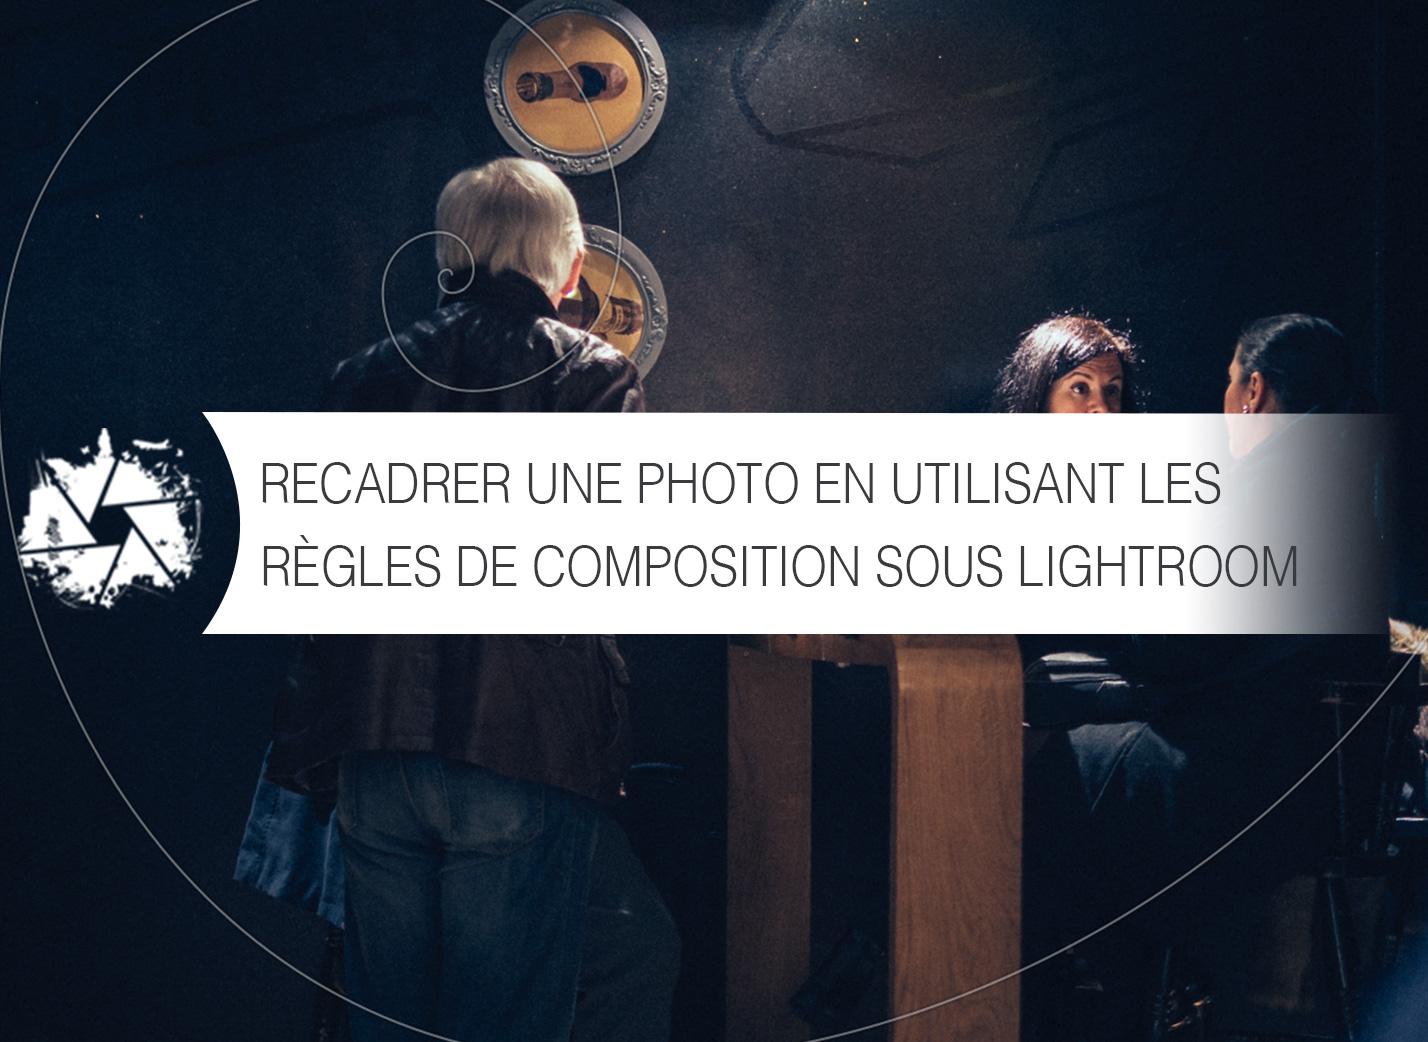 Recadrer Une Photo En Utilisant Les Règles De Composition